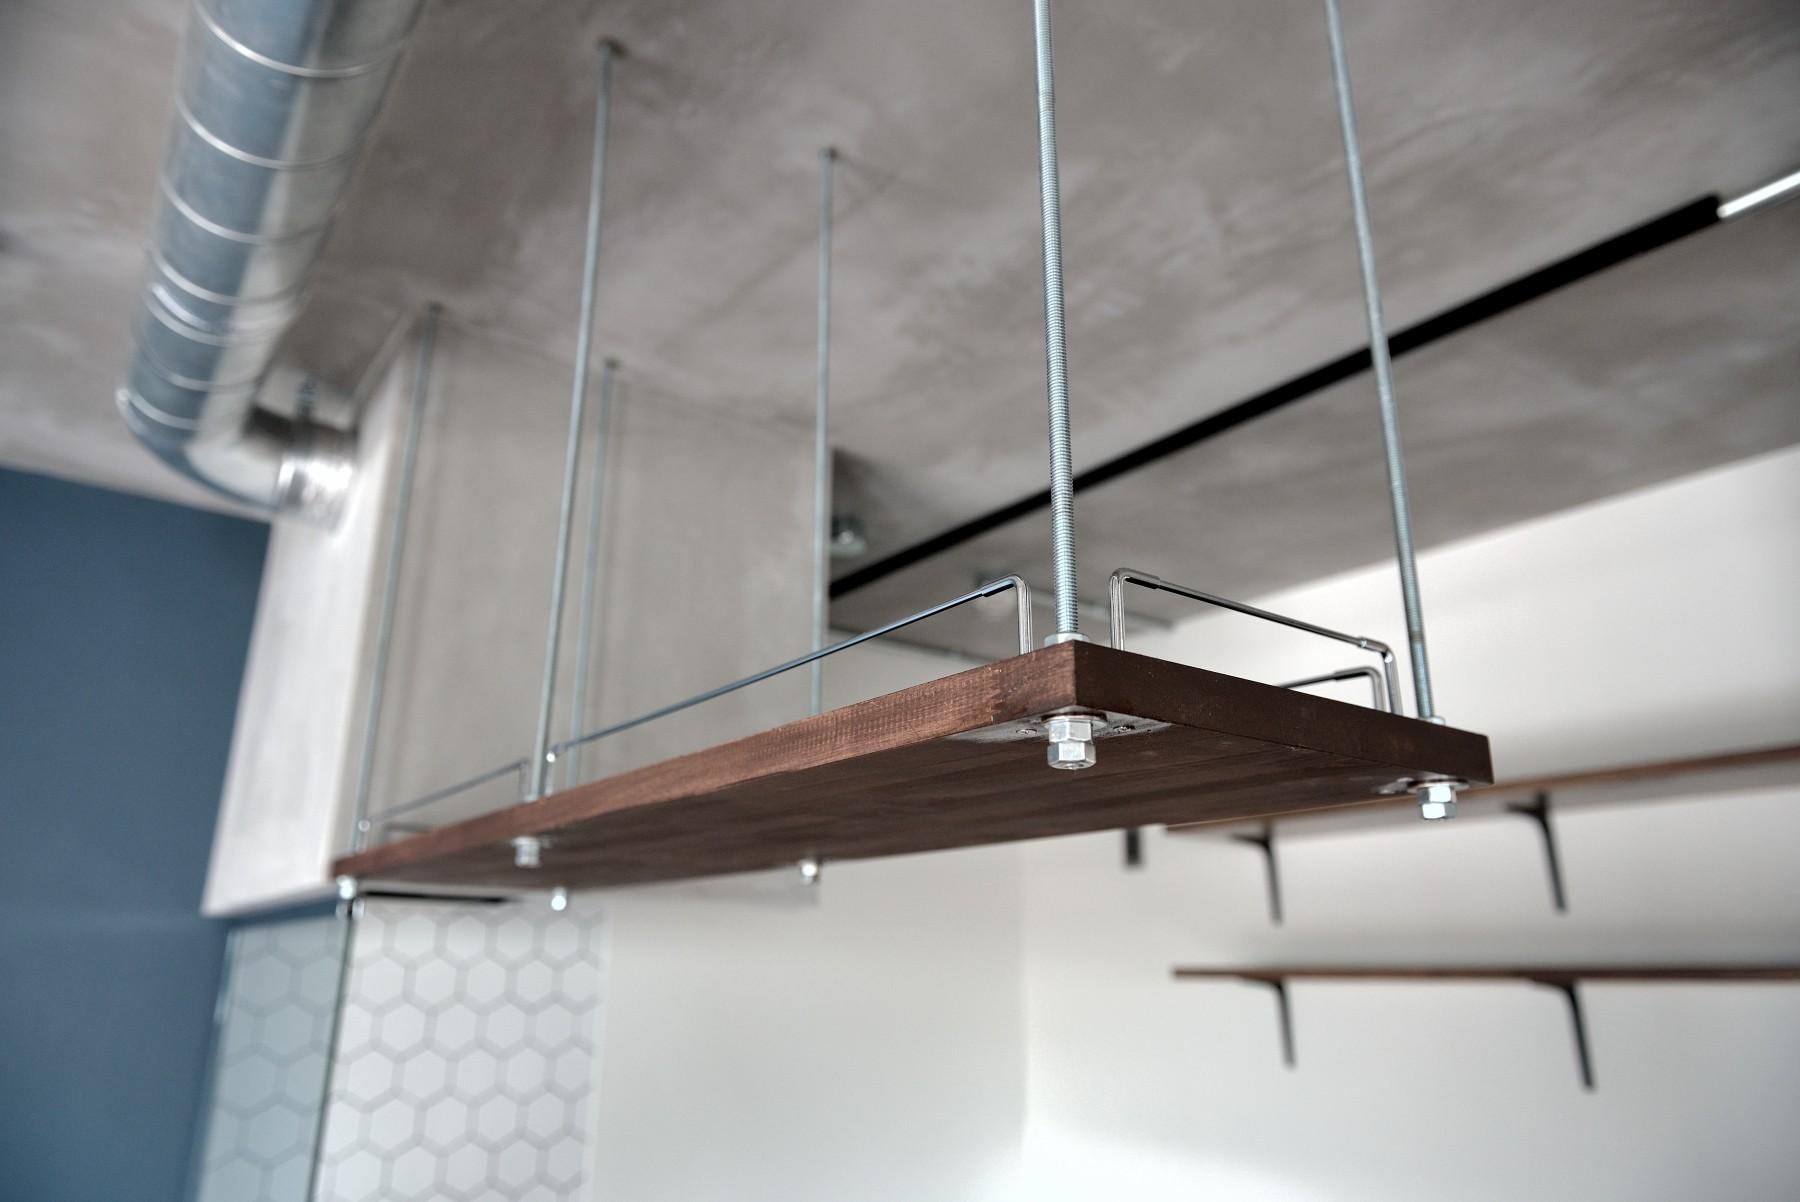 キッチン事例:キッチン:吊戸棚(モルタル仕上げのキッチン×キャットステップのあるワンストップリノベーション住まい)